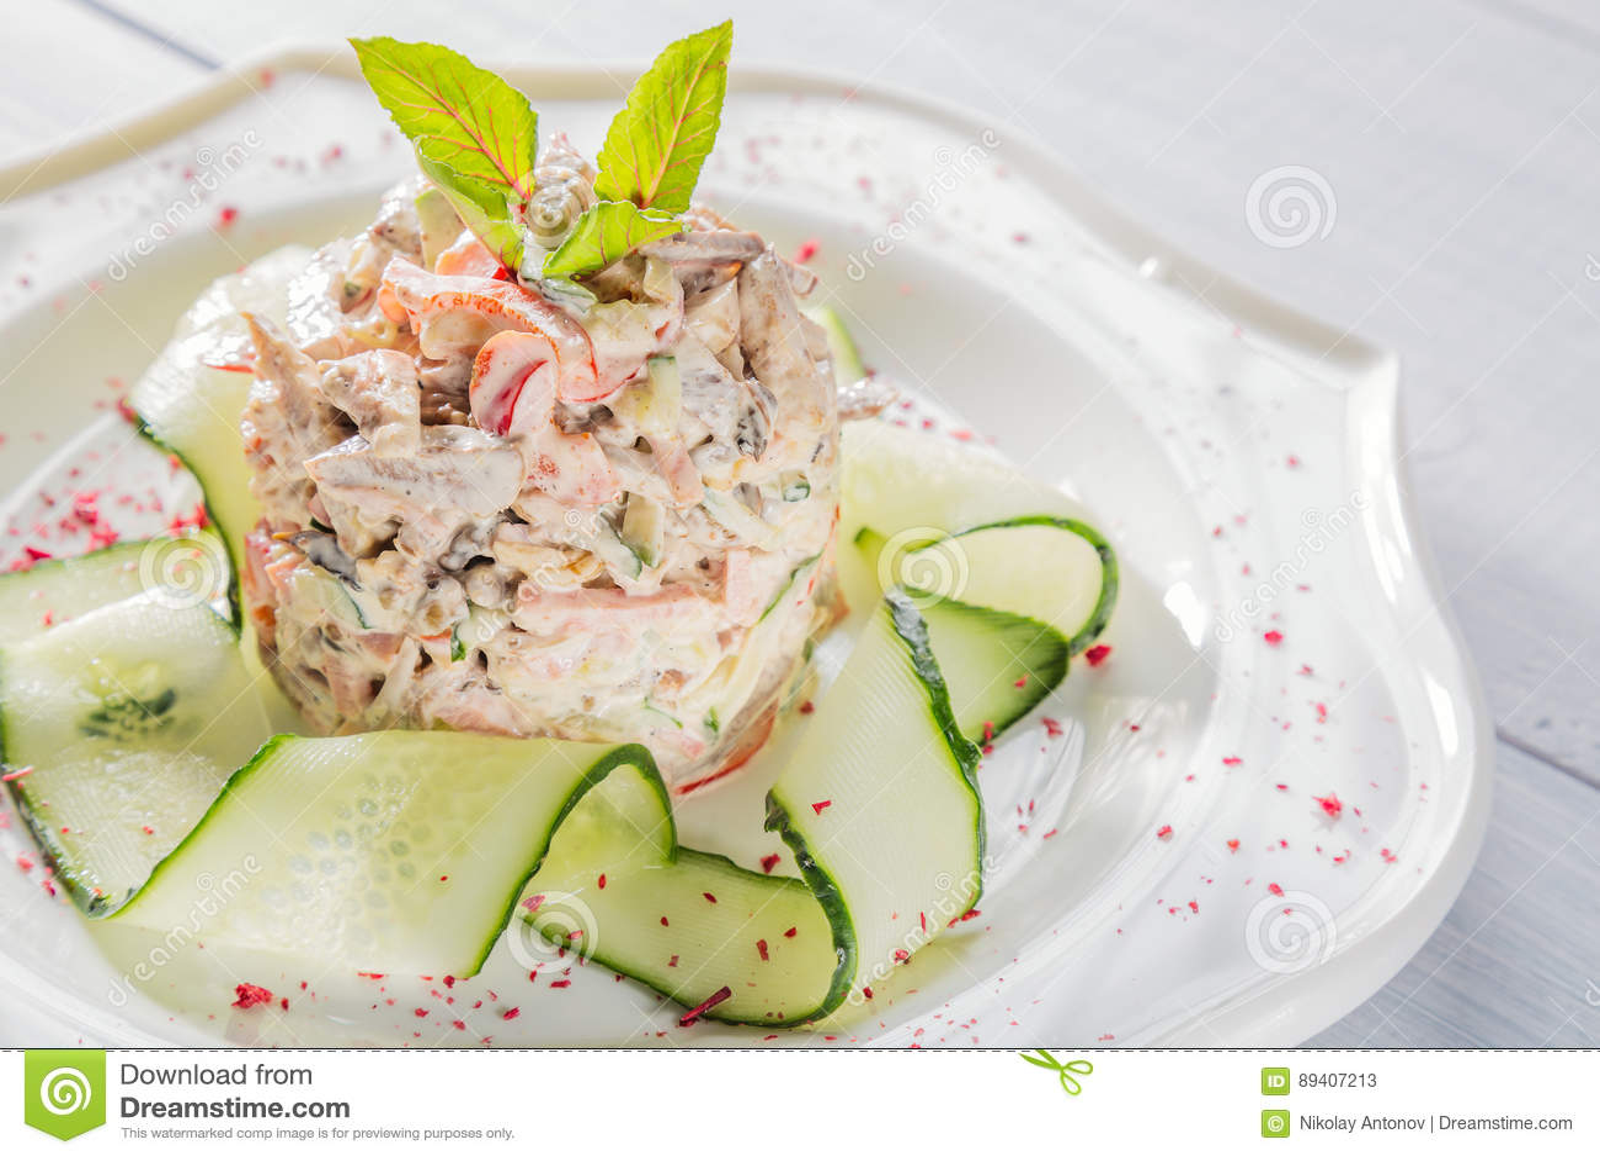 Salada vegetal com carne, ervas, pepino e especiarias na placa branca